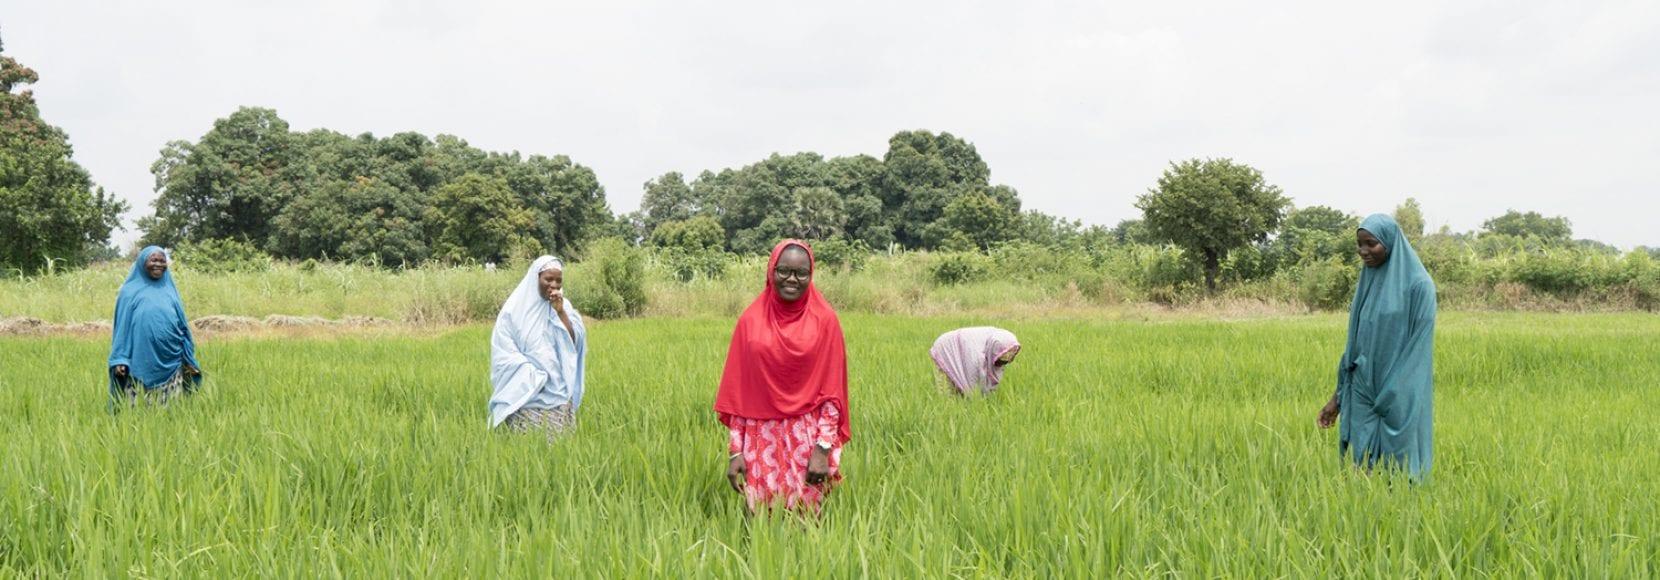 Group of women in a field in Nigeria